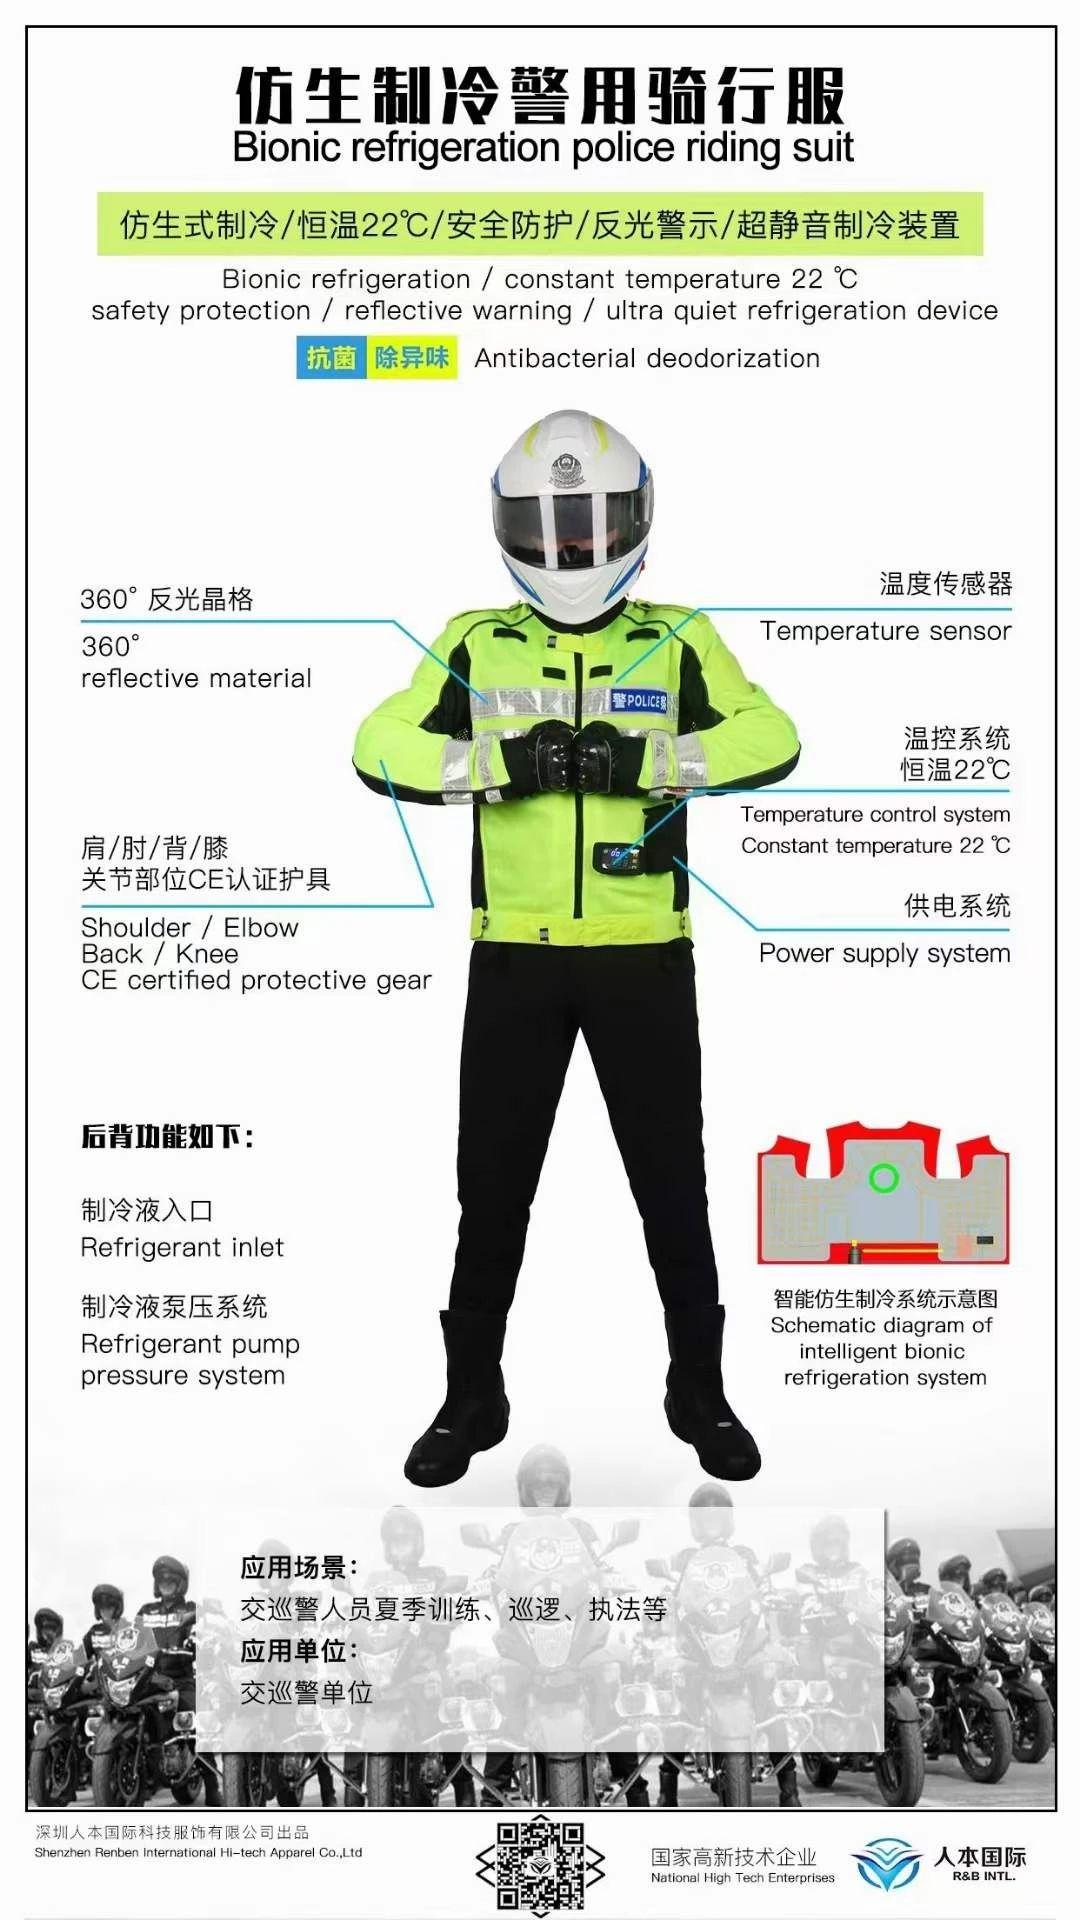 人本国际仿生制冷警用骑行服 专为交巡警单位夏季巡逻执法研发